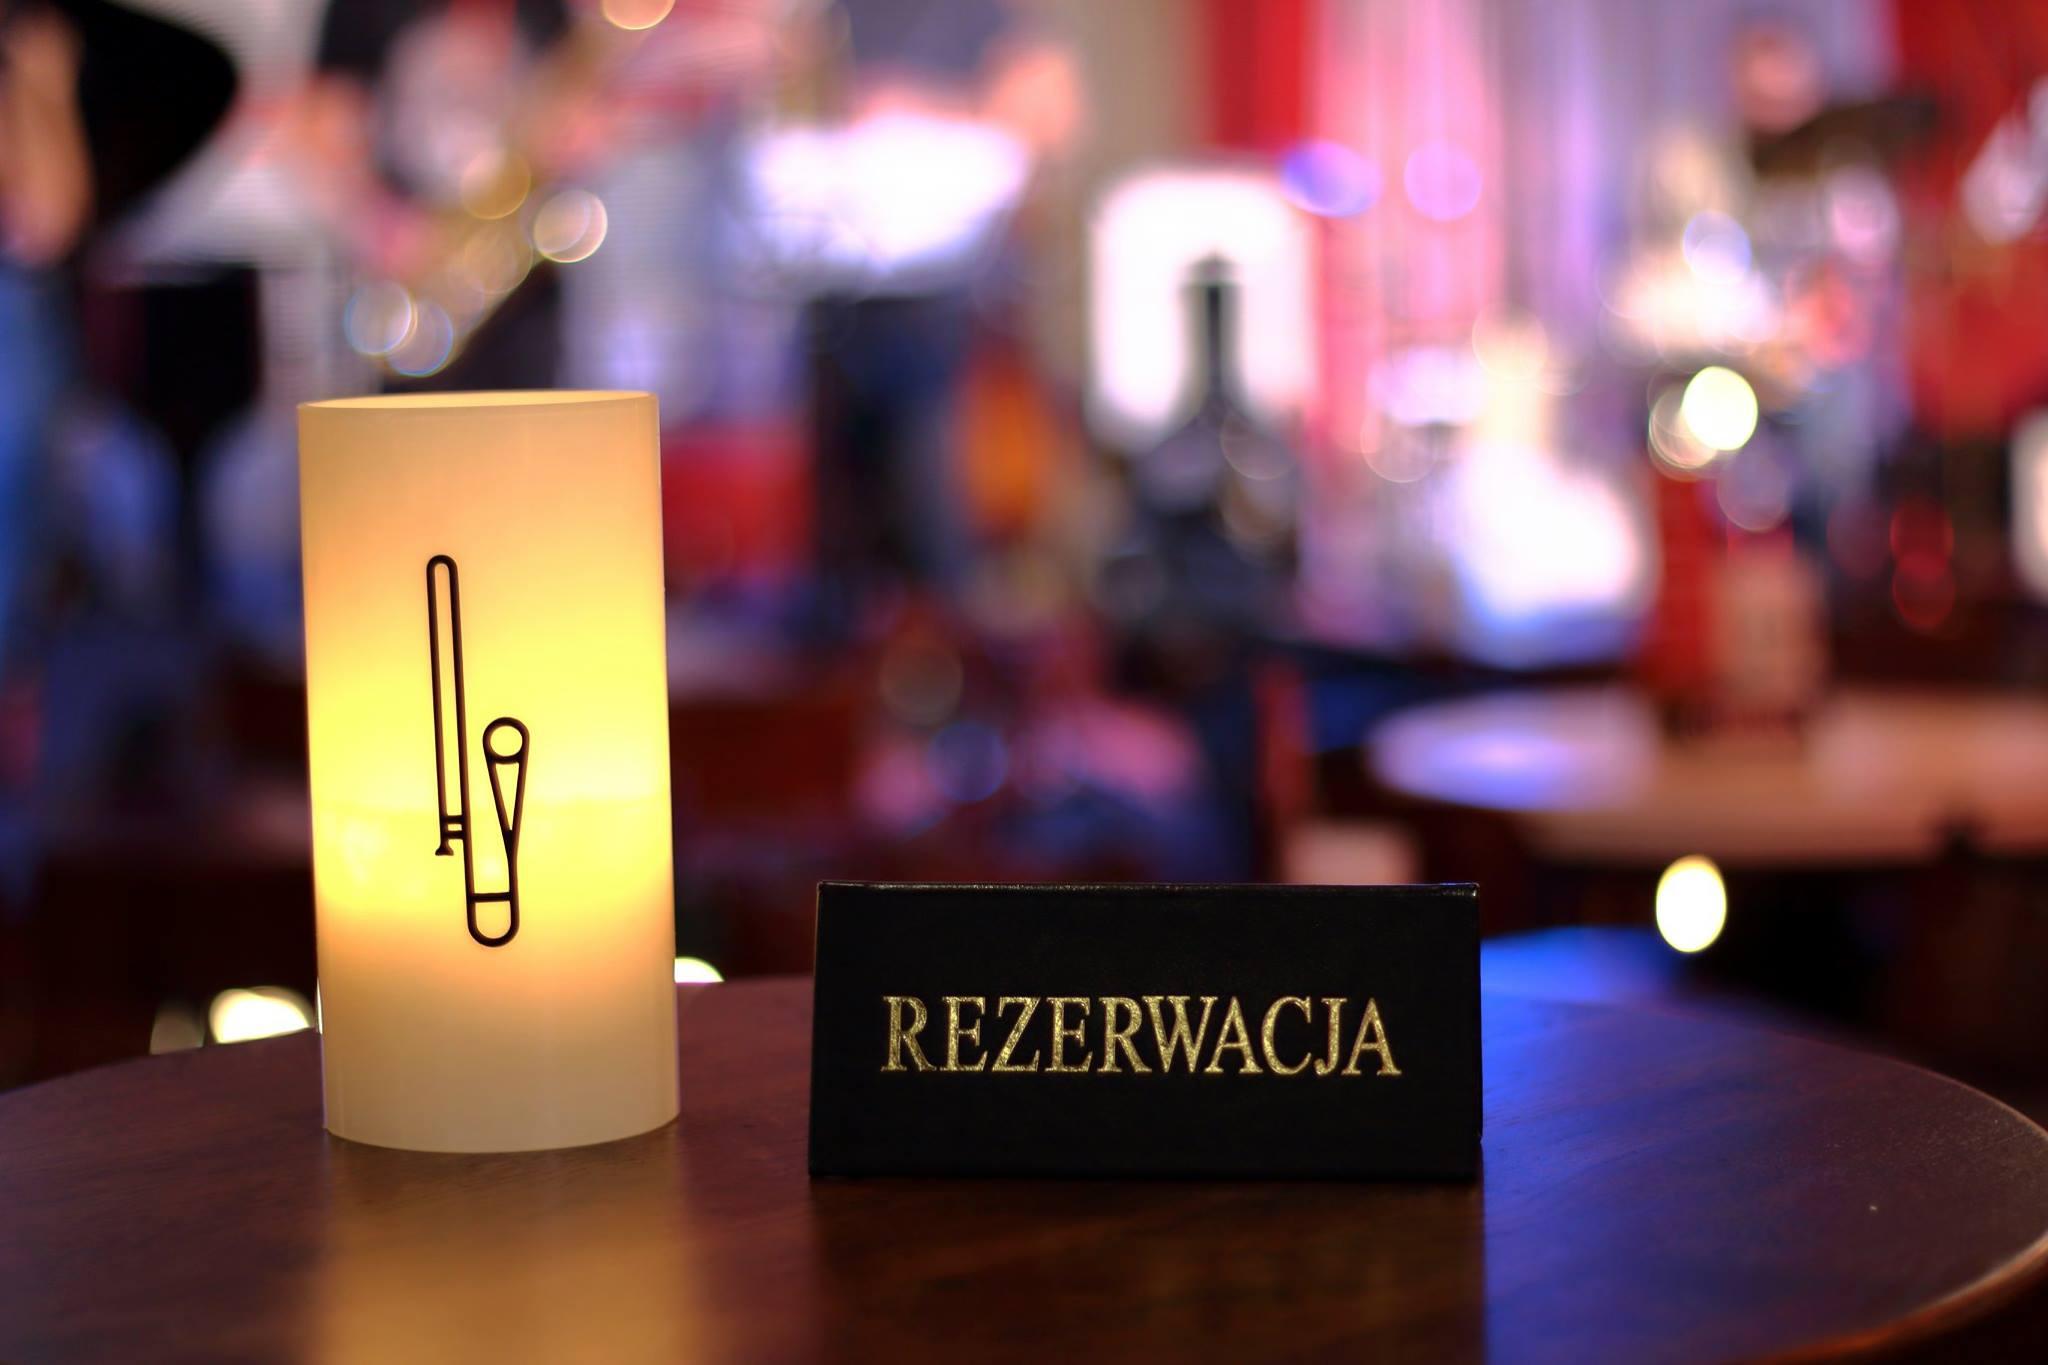 Vertigo Jazz Club & Restaurant rezerwacja